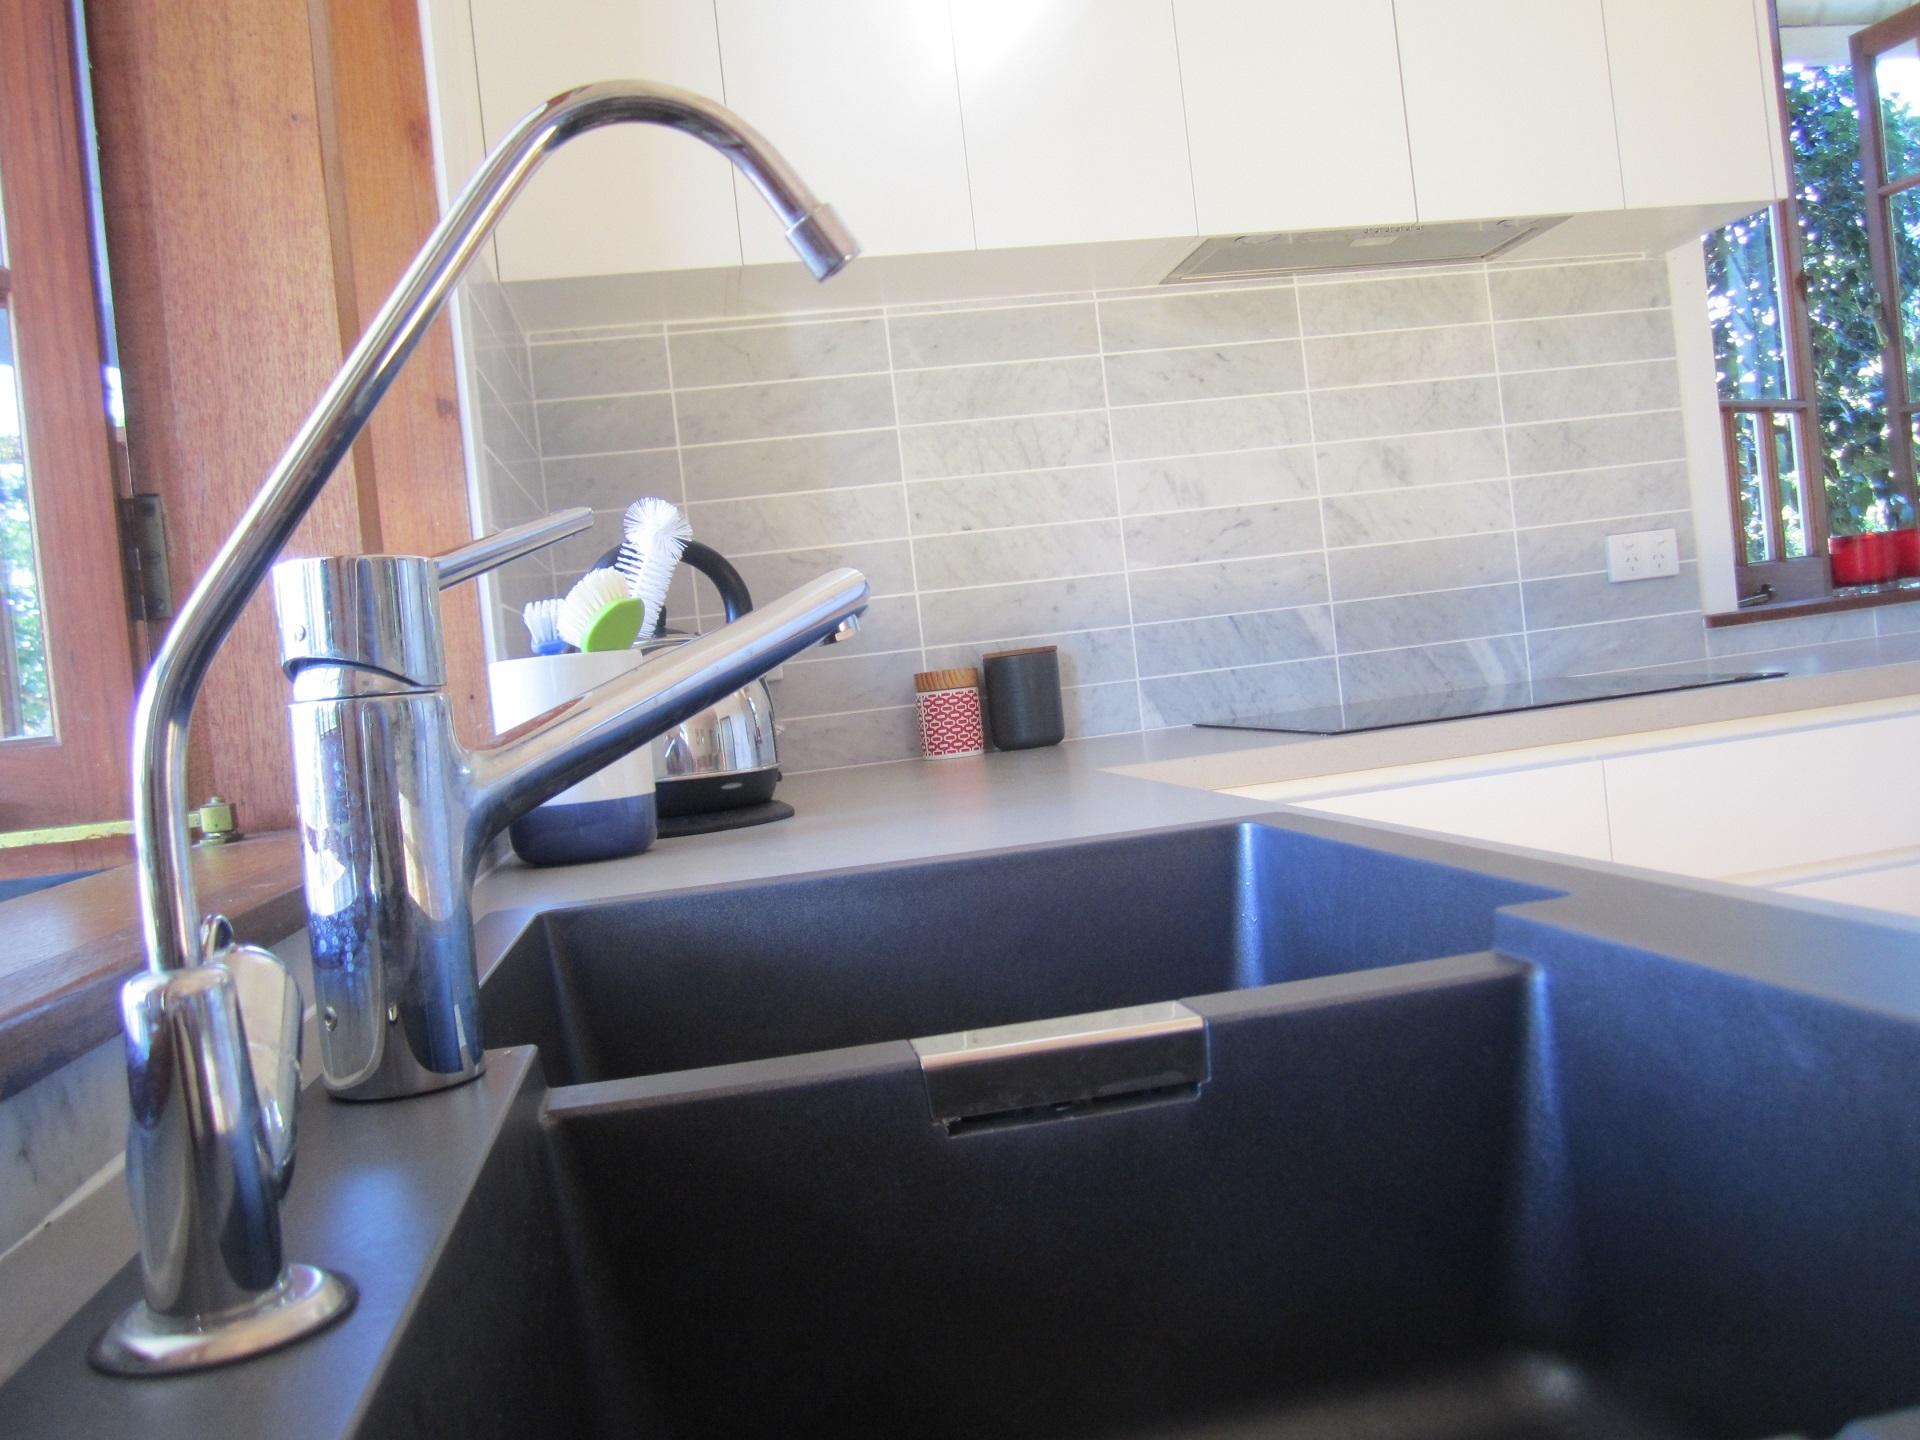 brisbane kitchen design Sherwood Contemporary Kitchen Granite Sink